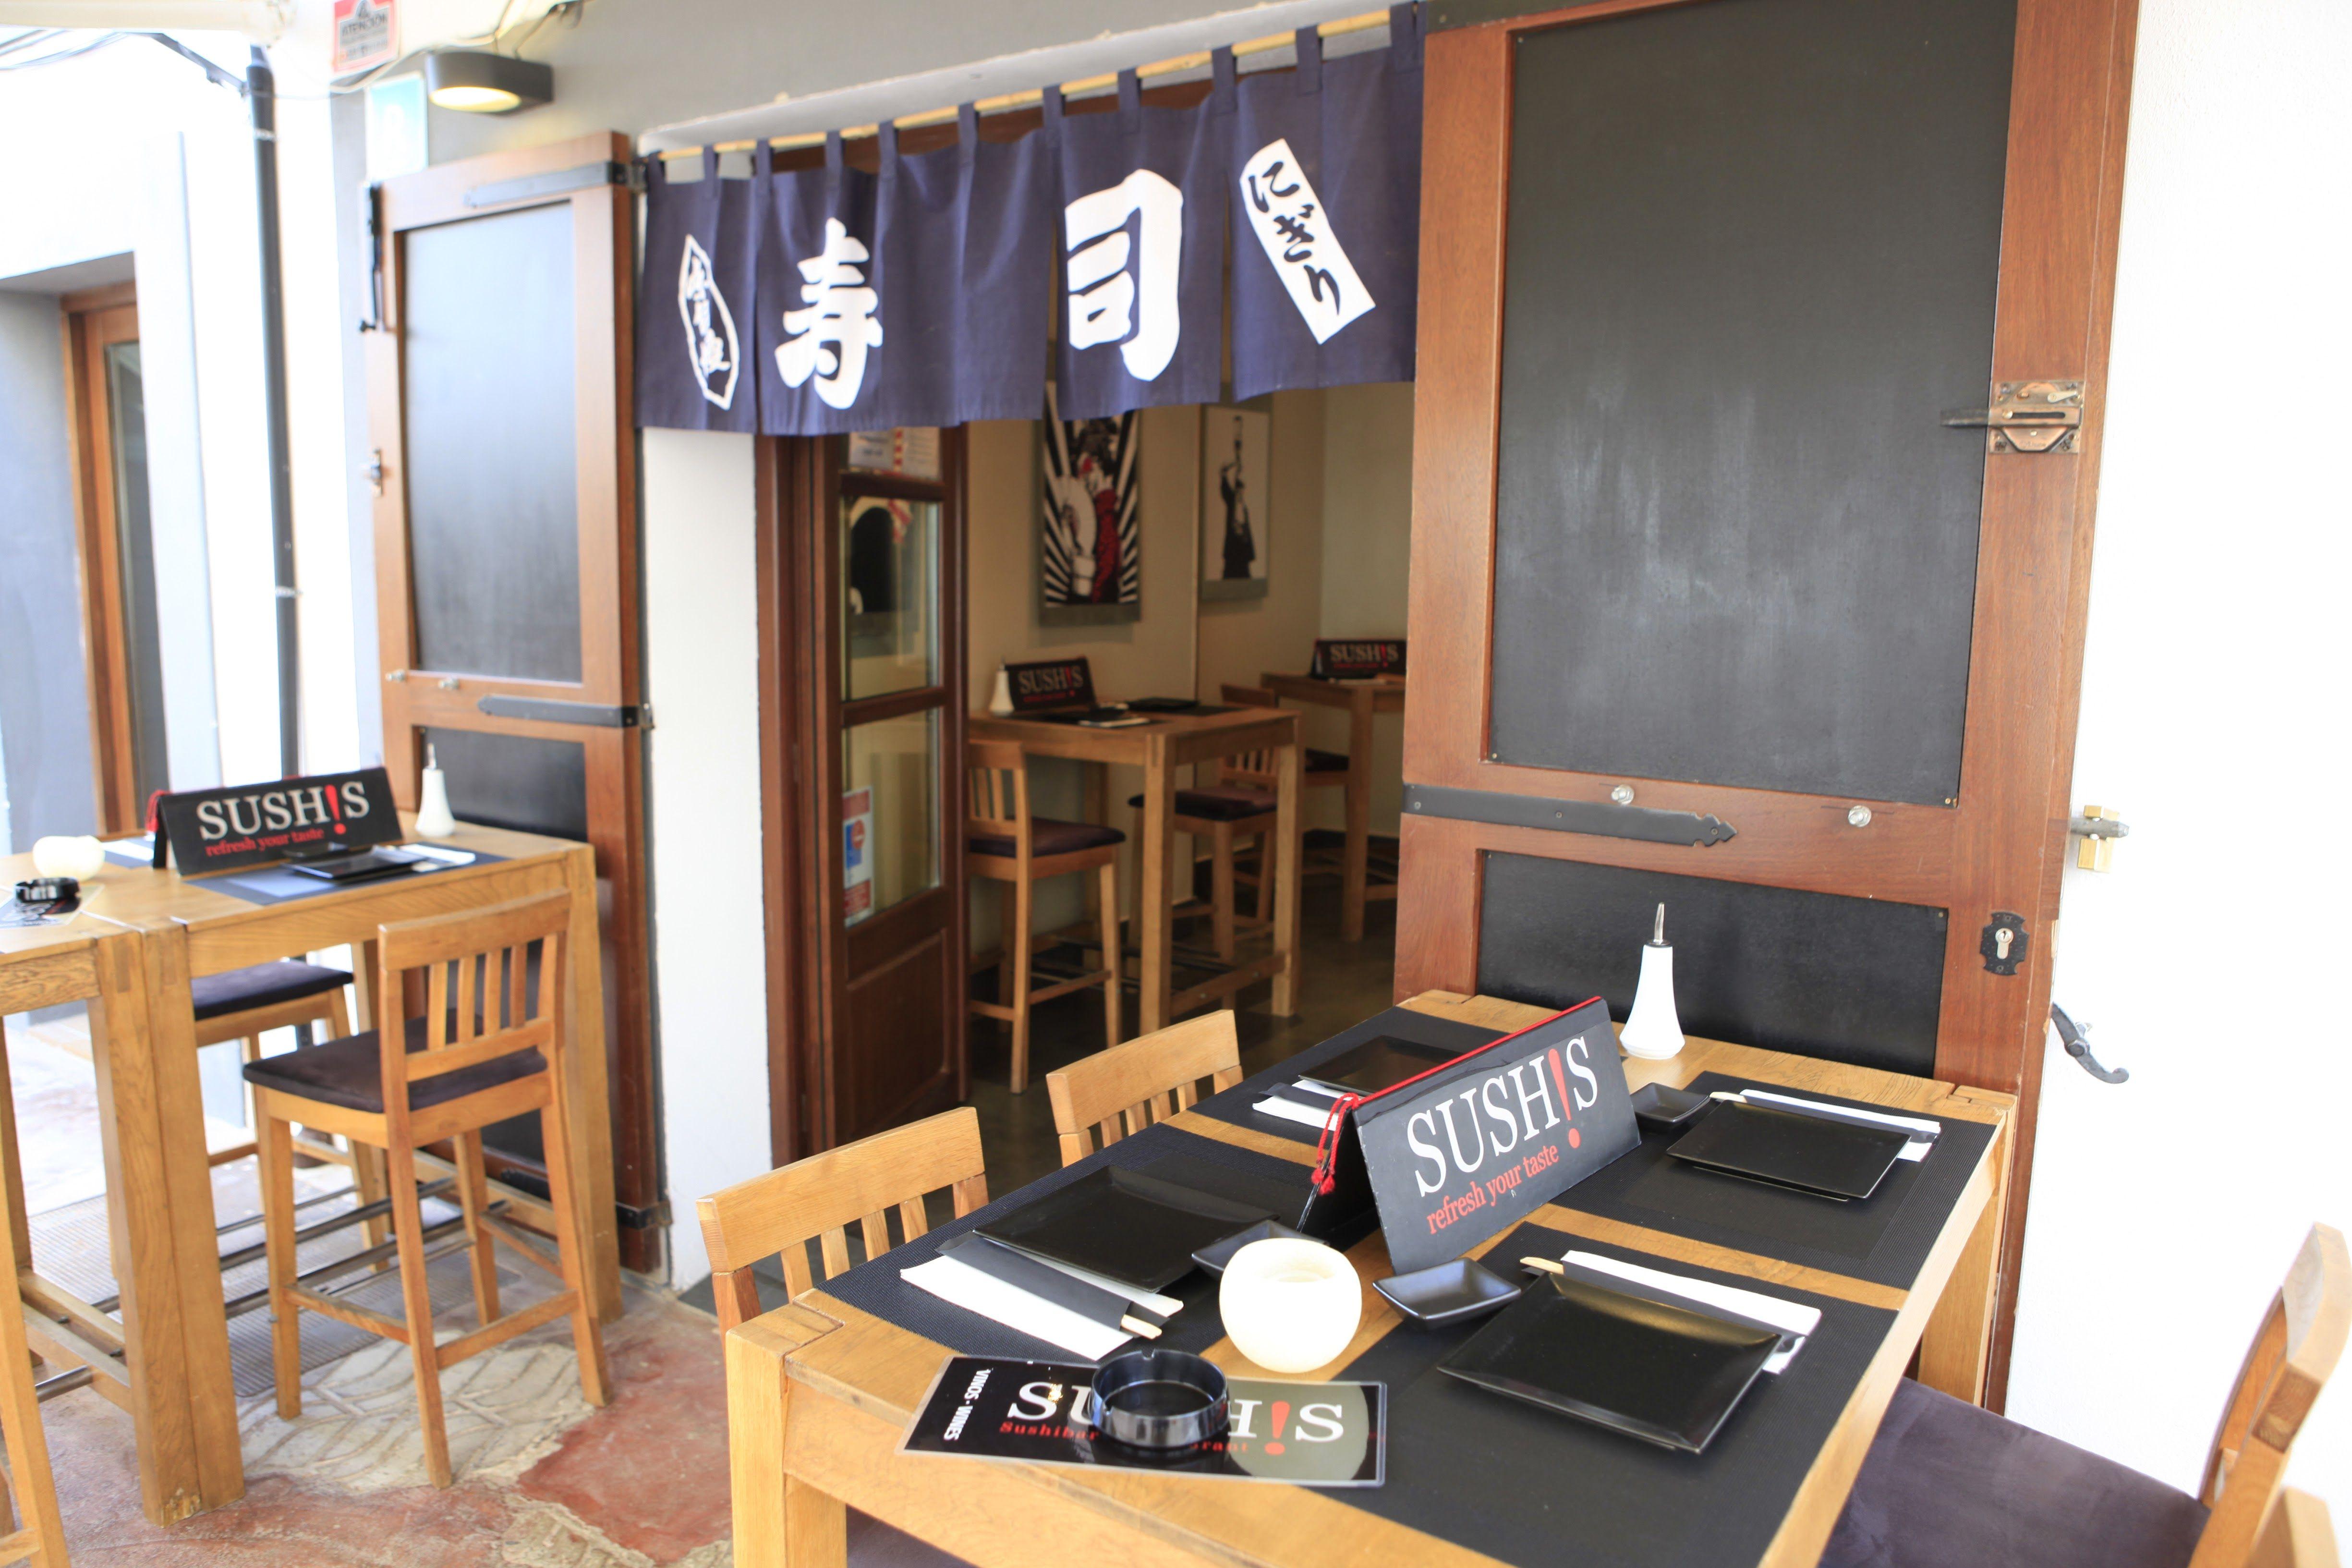 Foto 10 de Cocina japonesa en Ibiza   Sushis Ibiza